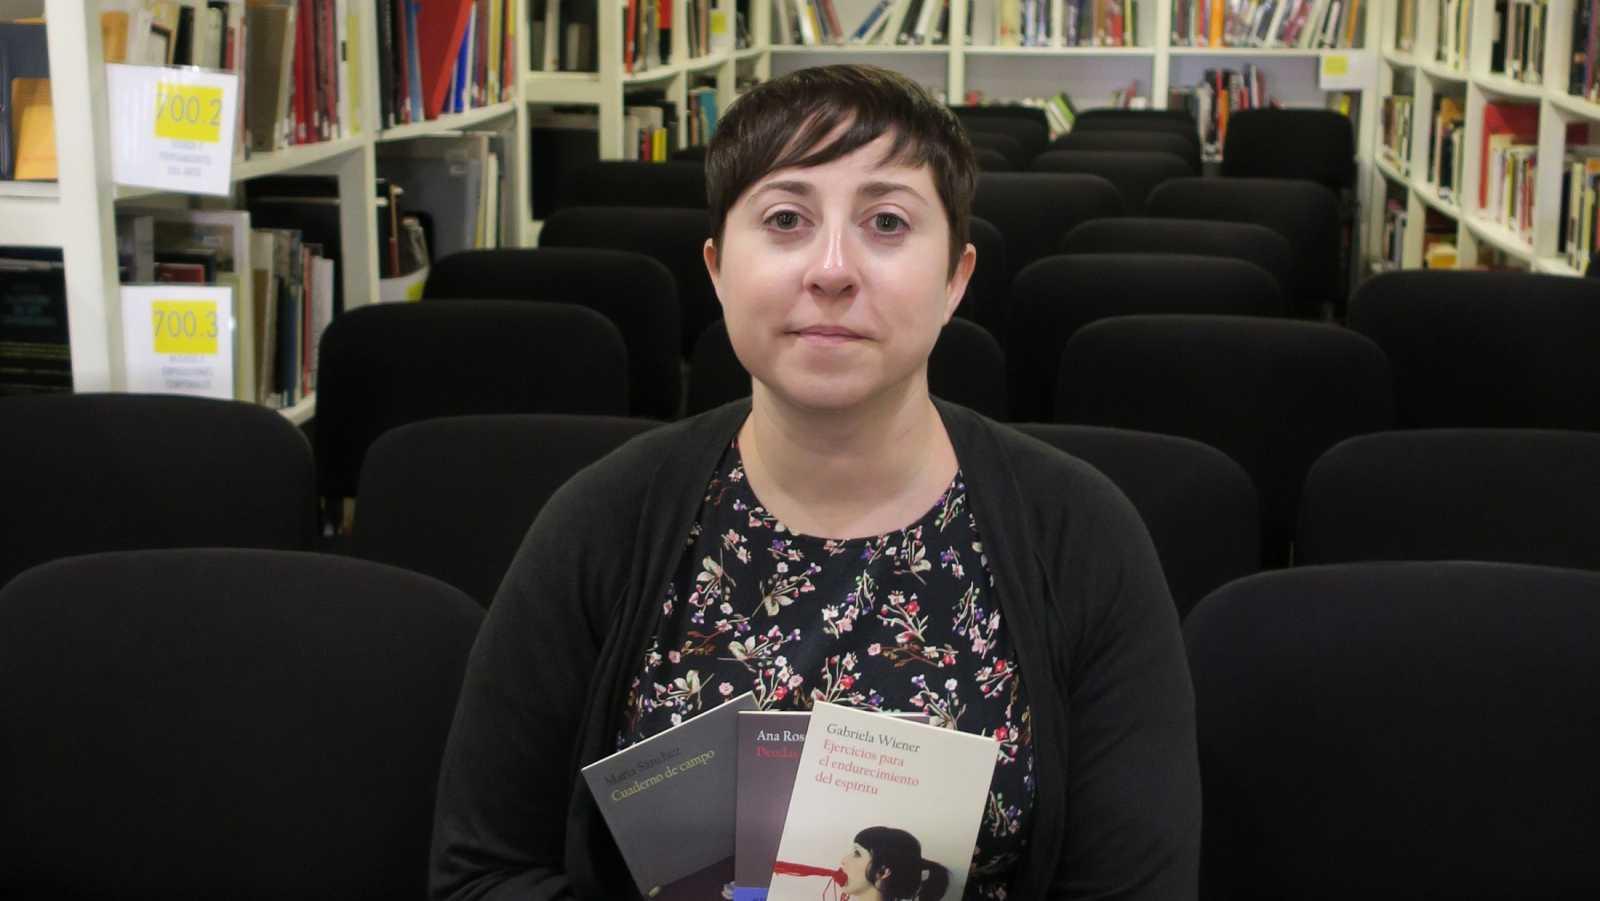 El ojo crítico - 'Las maravillas', con Elena Medel - 12/10/20 - escuchar ahora